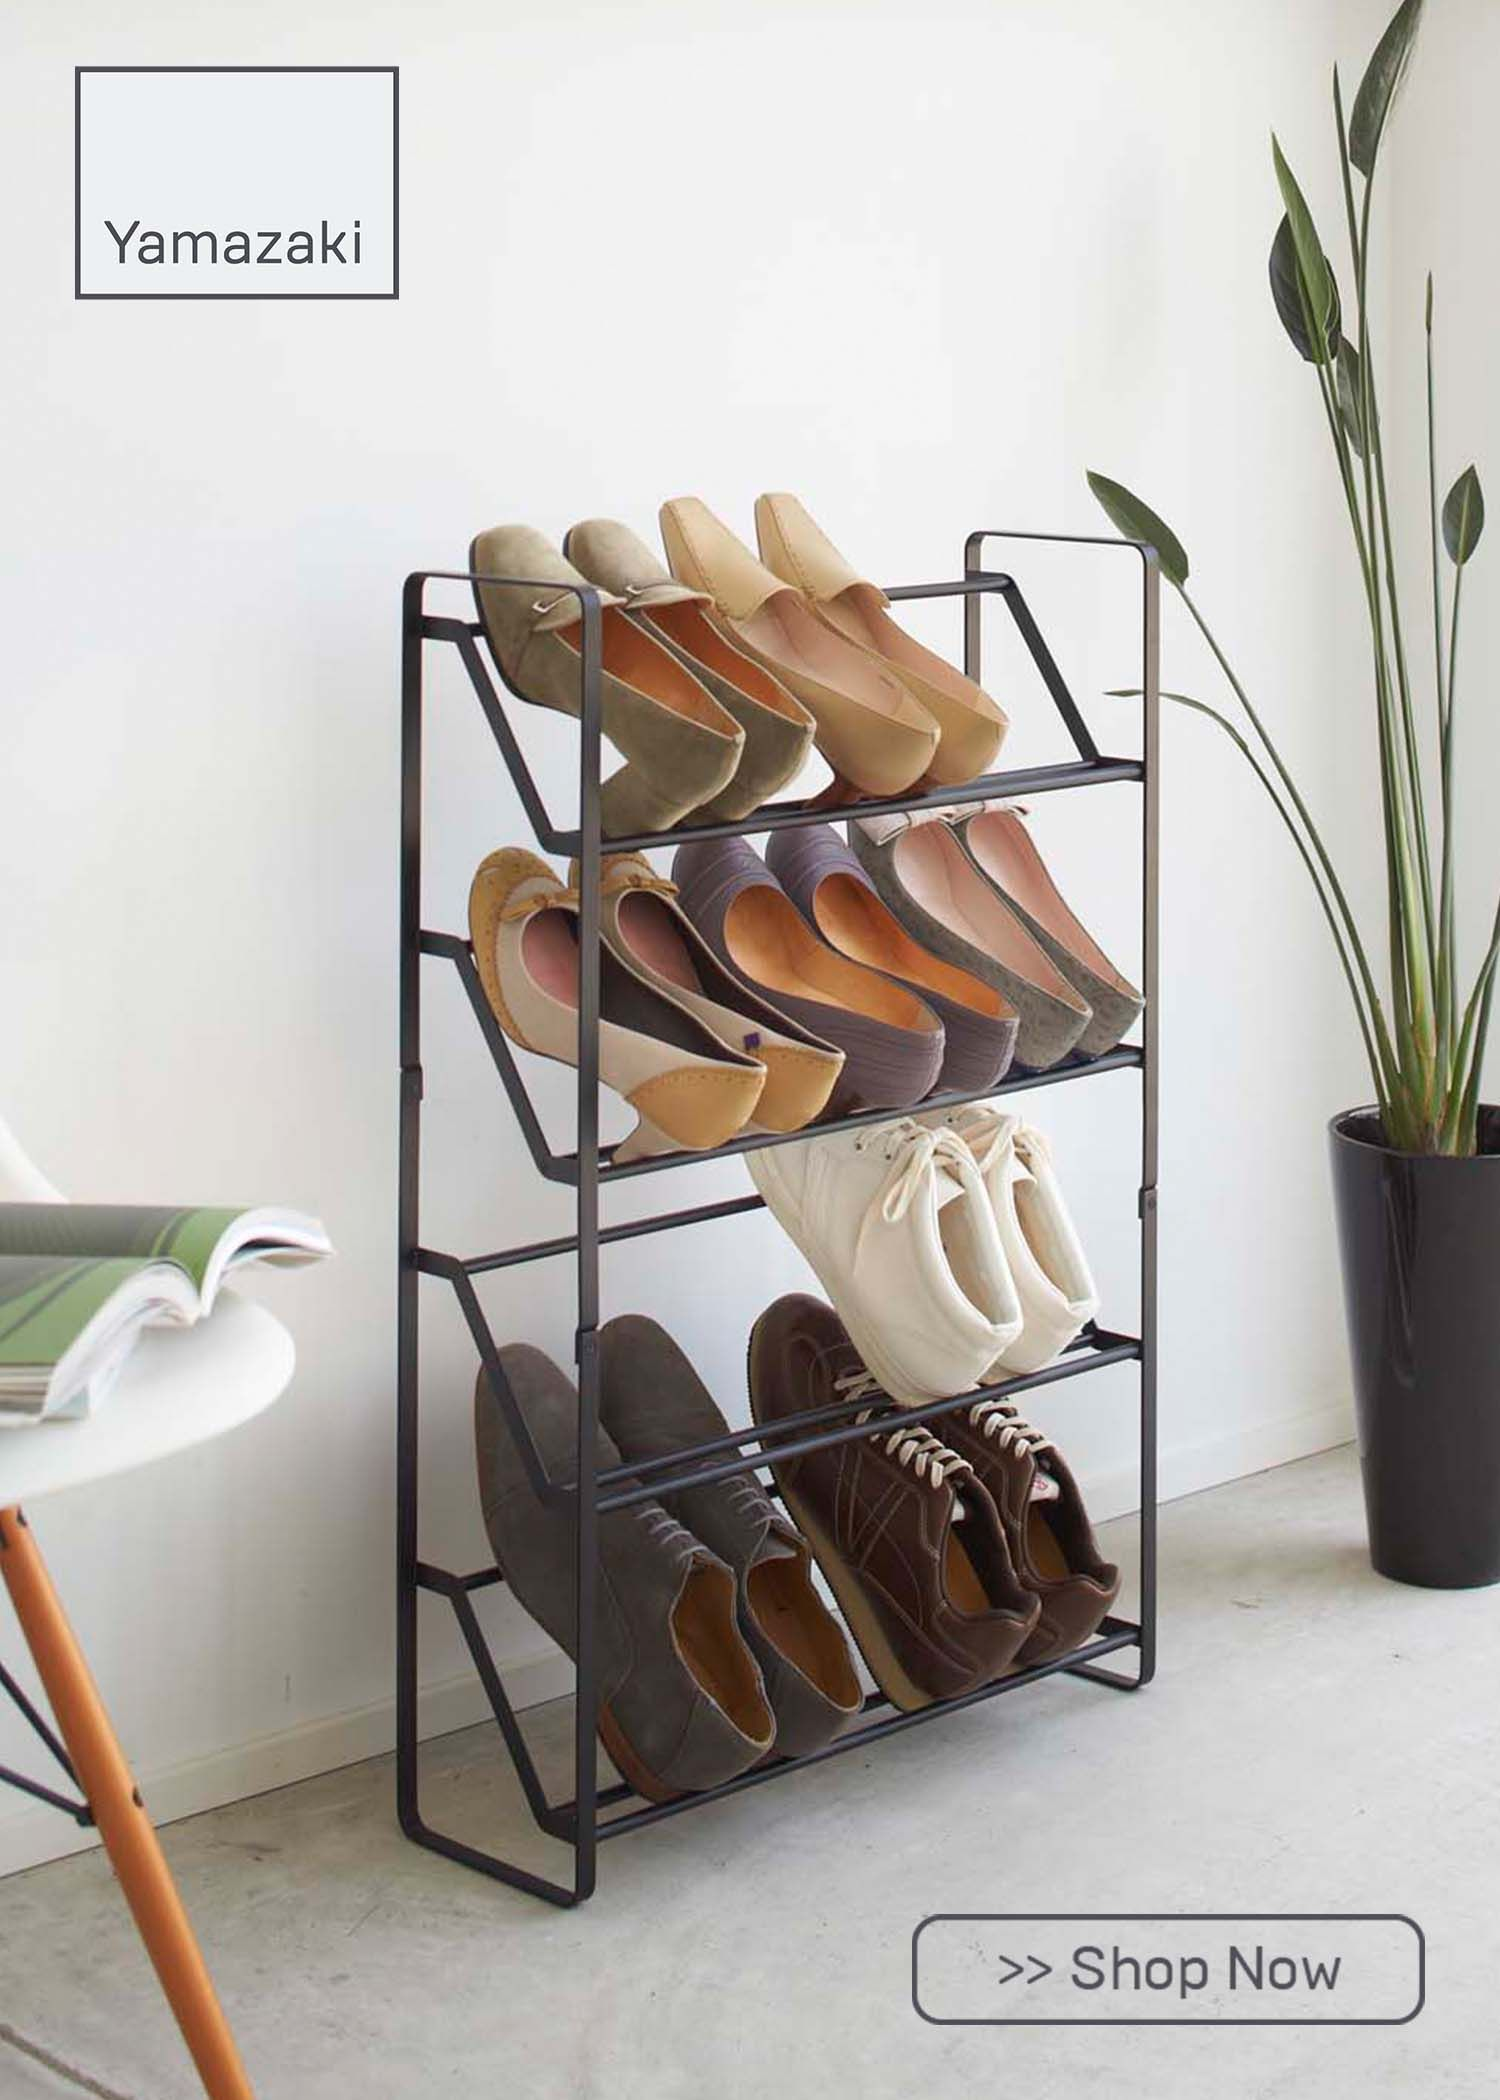 4 Tier Slim Angled Shoe Rack In 2020 Slim Shoe Rack Industrial Shoe Rack Rack Design